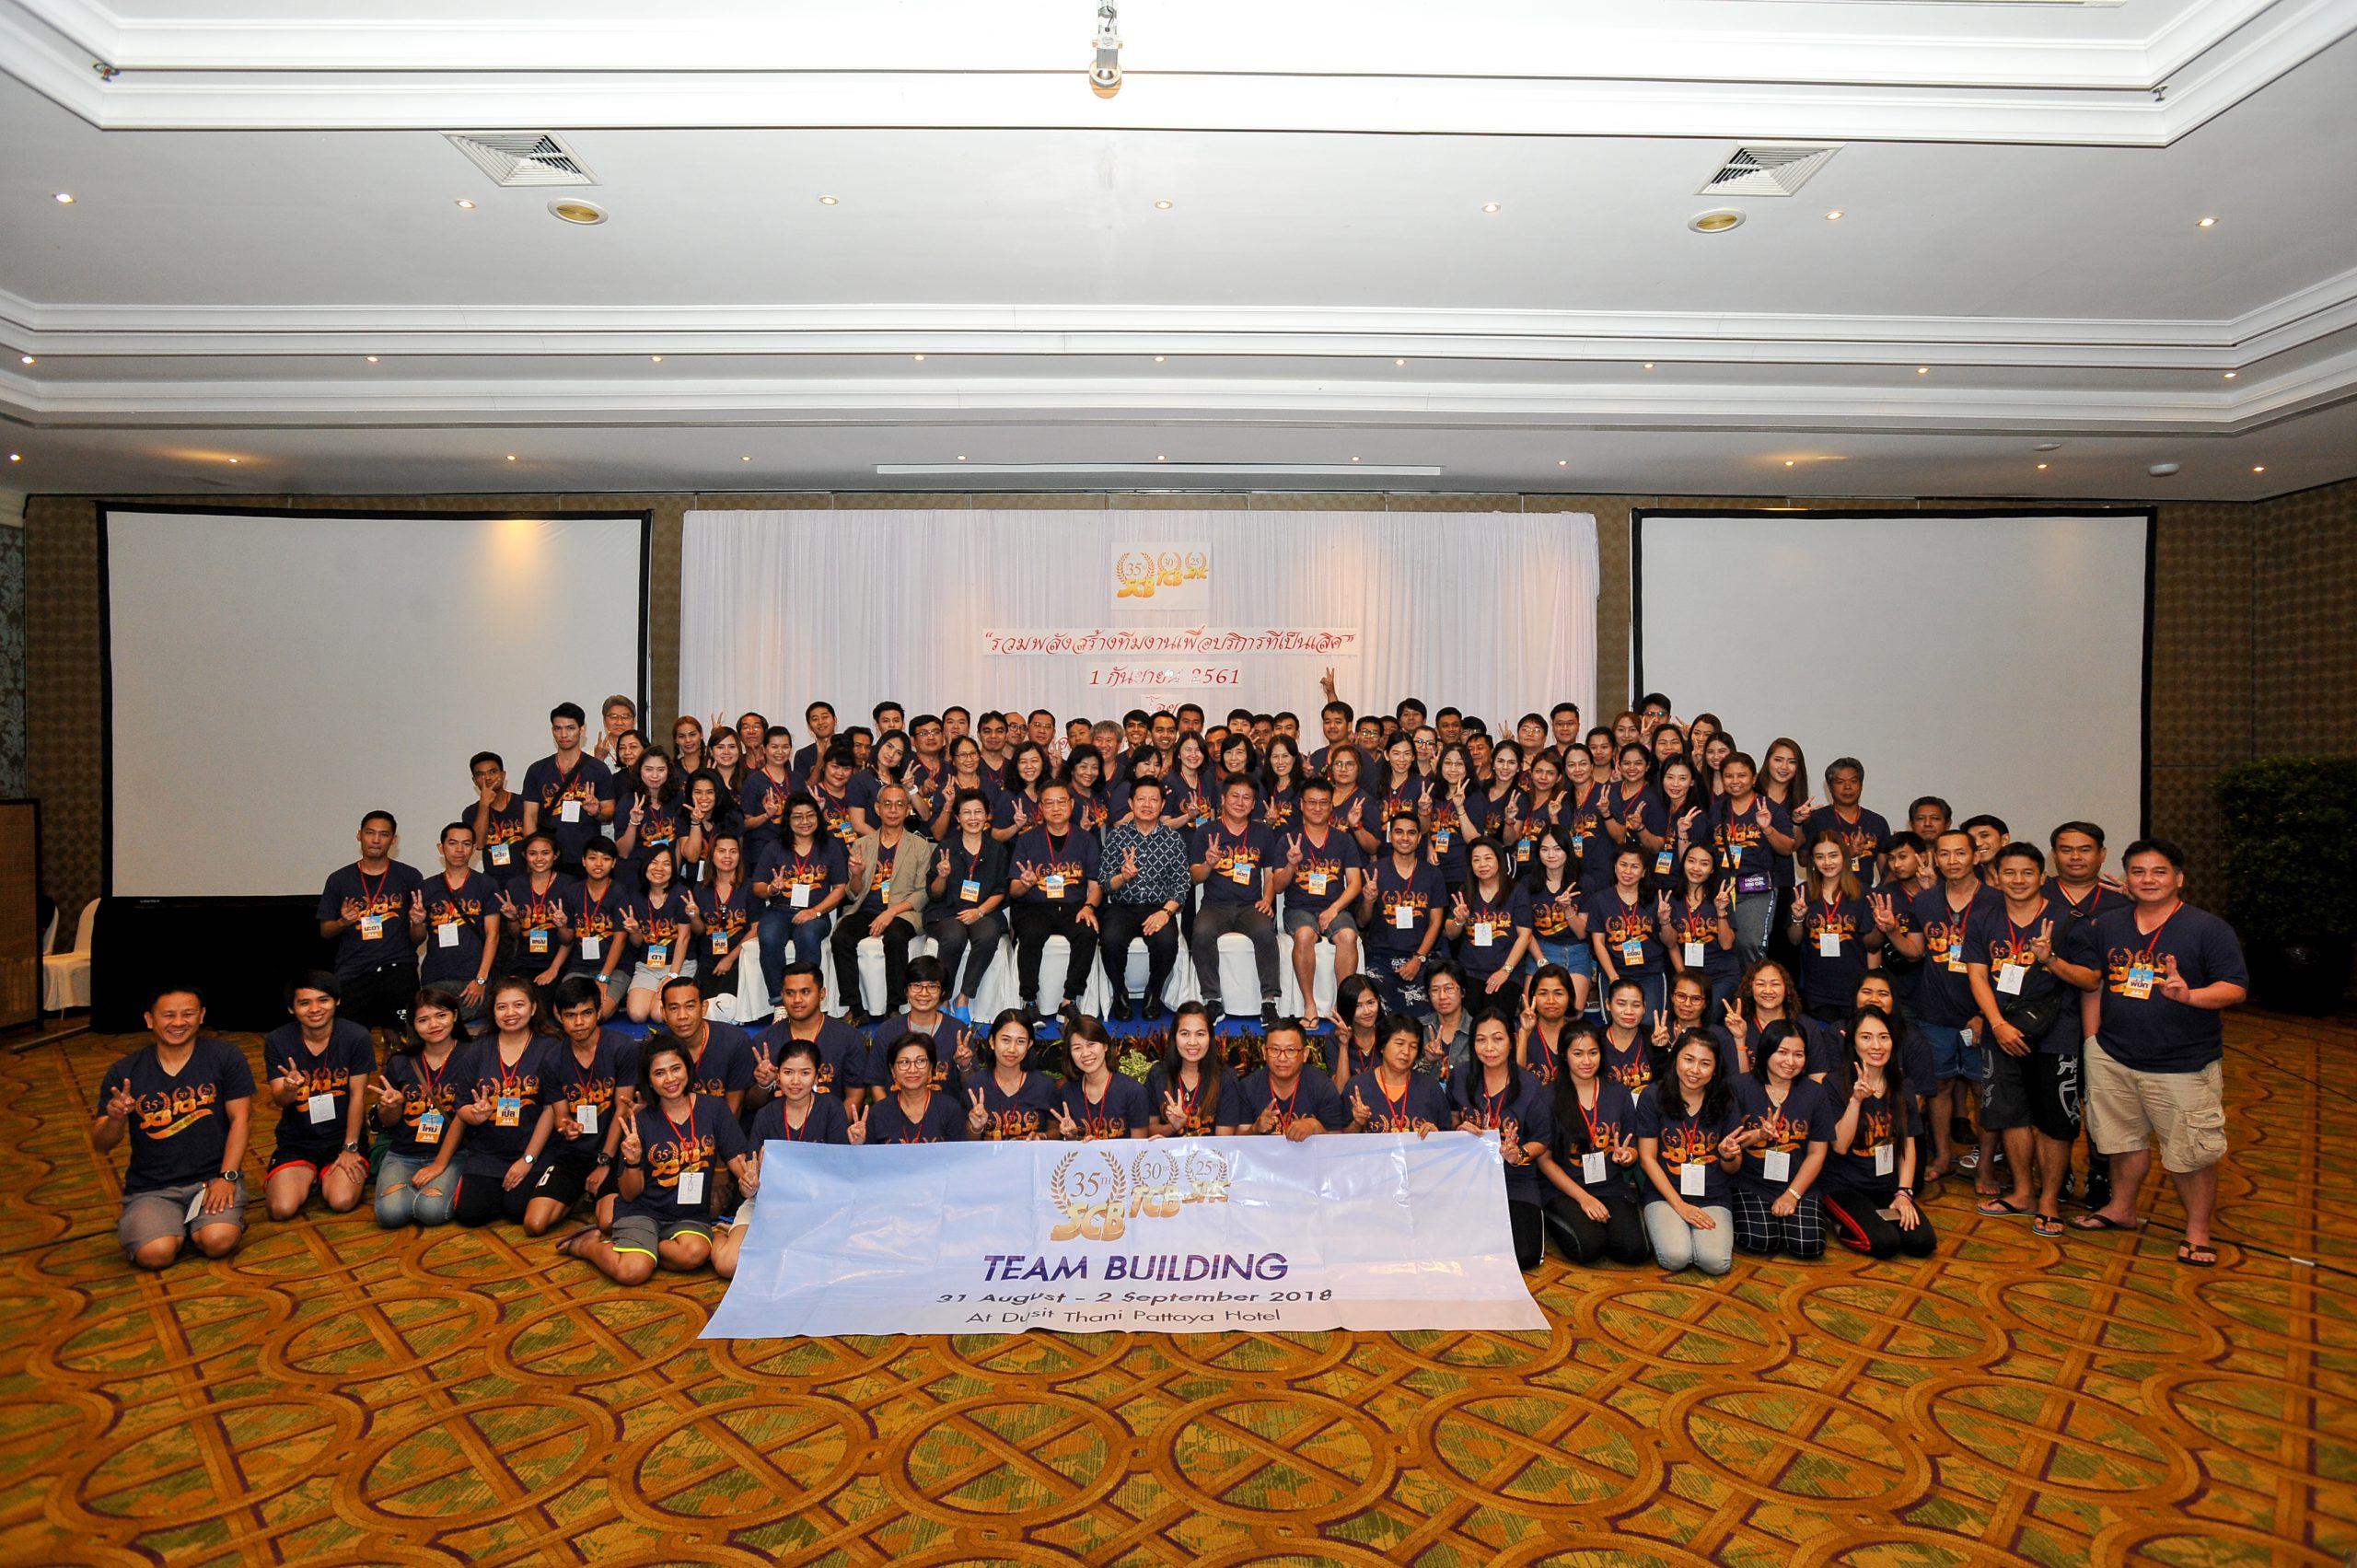 กลุ่มบริษัท SCB TCB และ SMC เข้าร่วมกิจกรรม Team Building ณ โรงแรมดุสิตธานี พัทยา